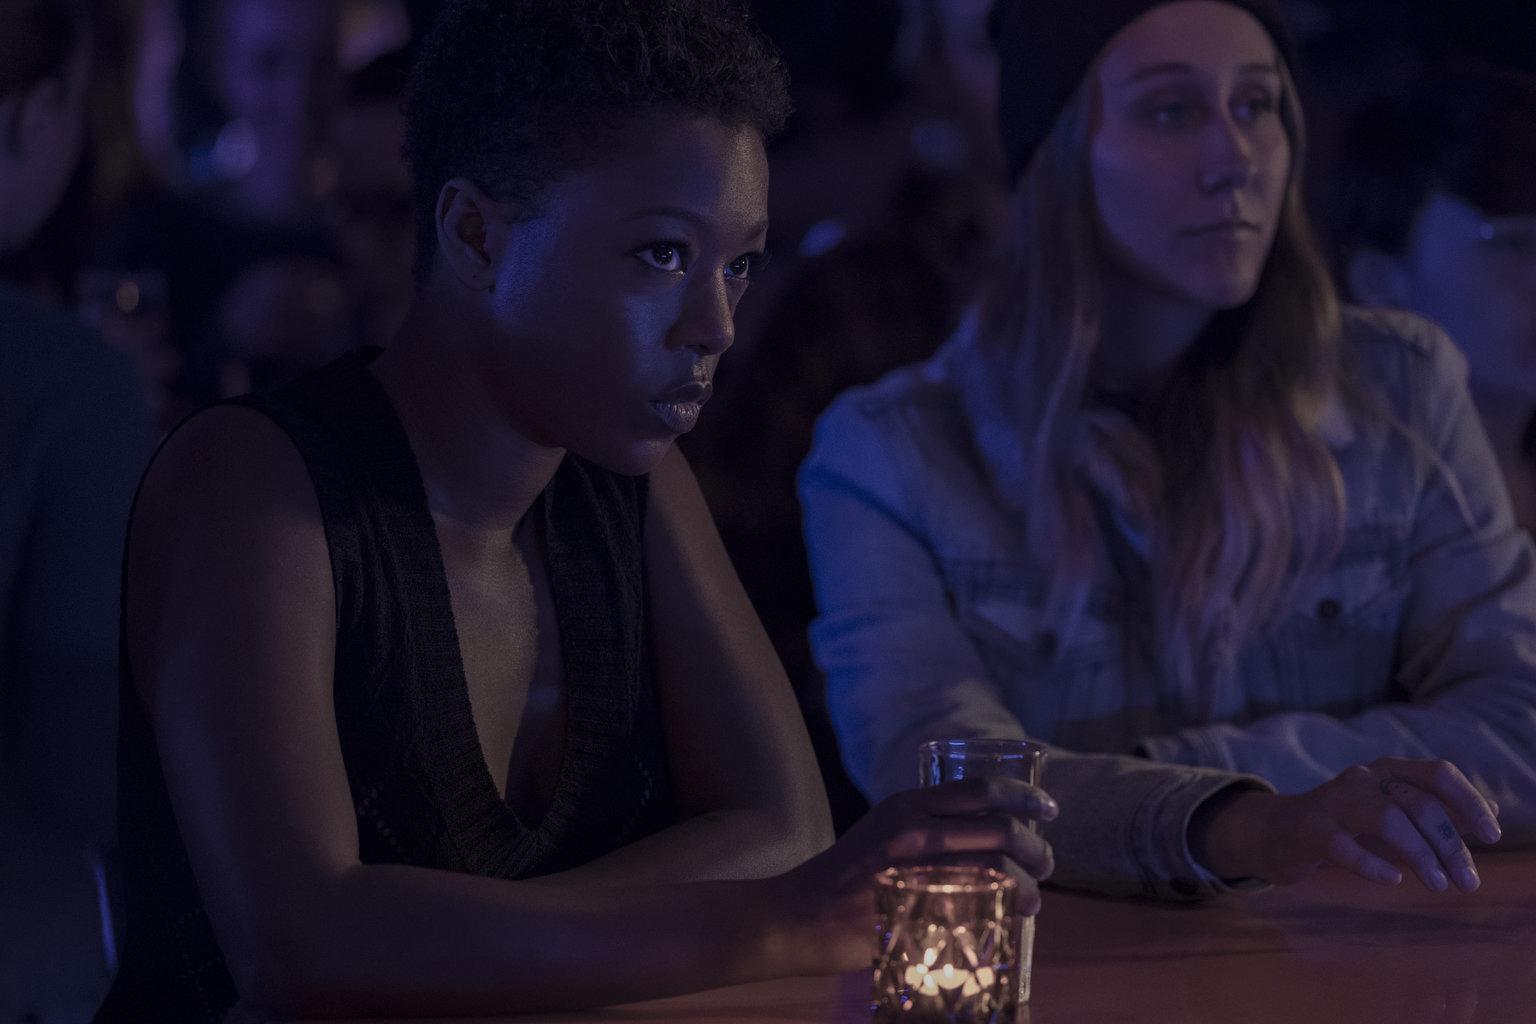 Moira (left, Samira Wiley) at a lesbian bar in Canada.